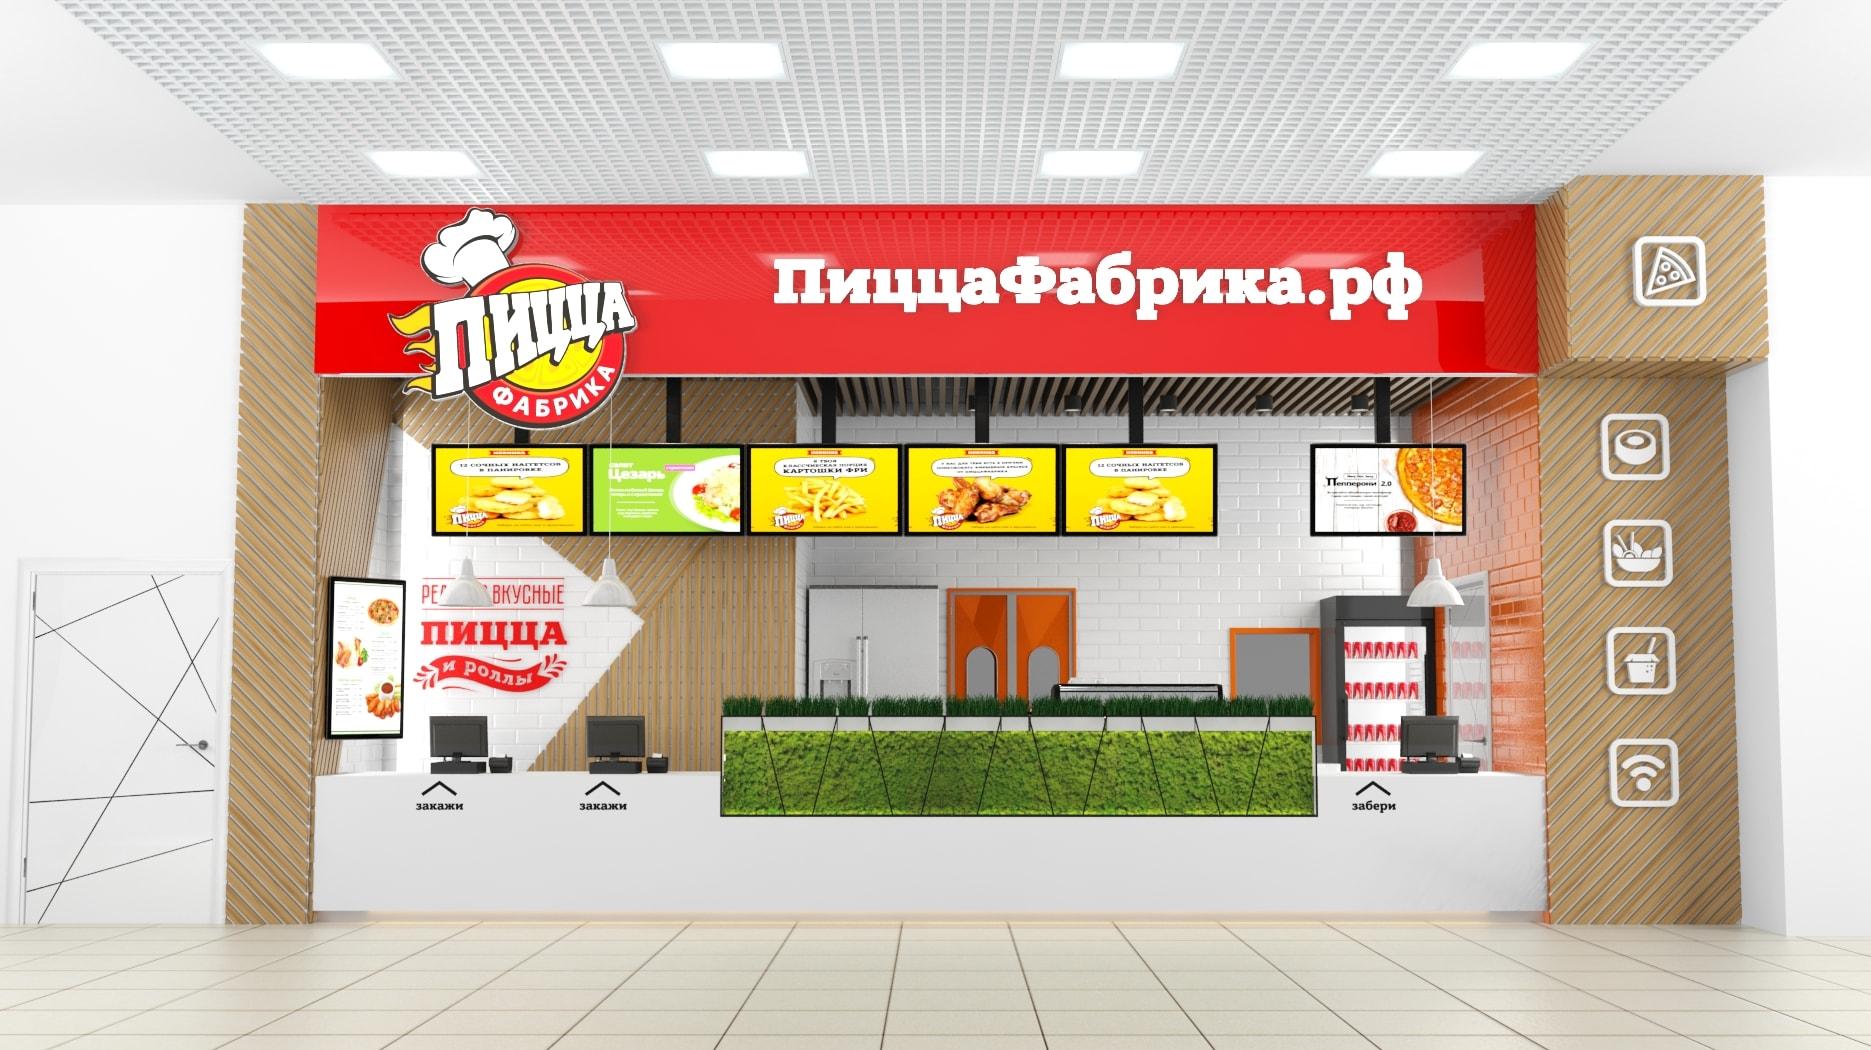 Проект архитектора ПиццаФабрики